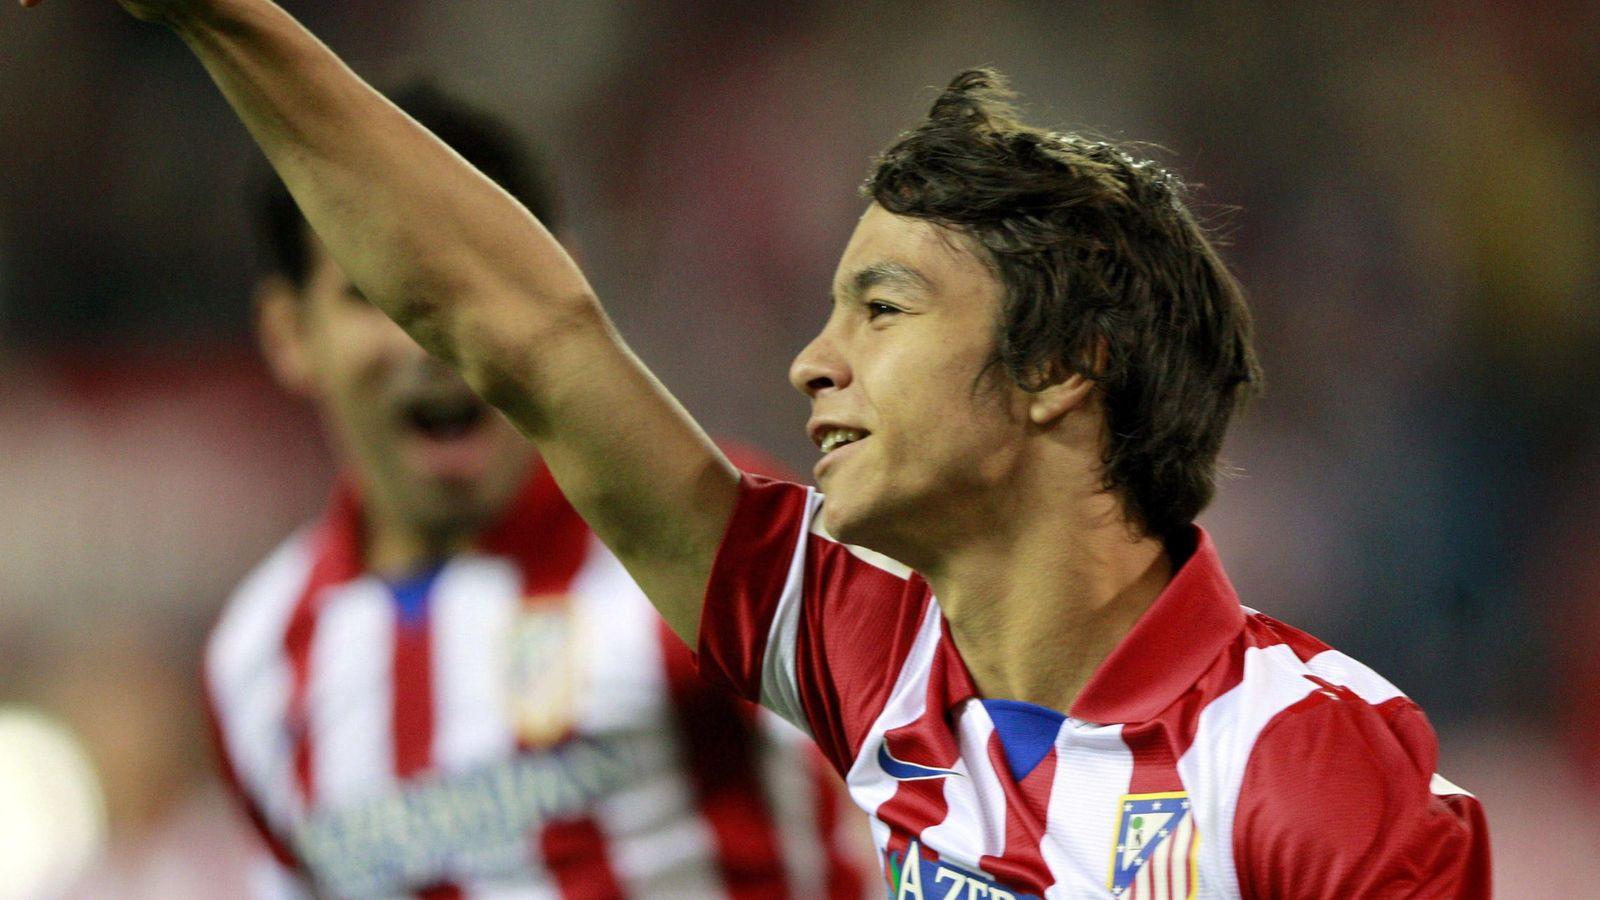 Foto: Óliver regresará al Atlético de Madrid la próxima temporada.